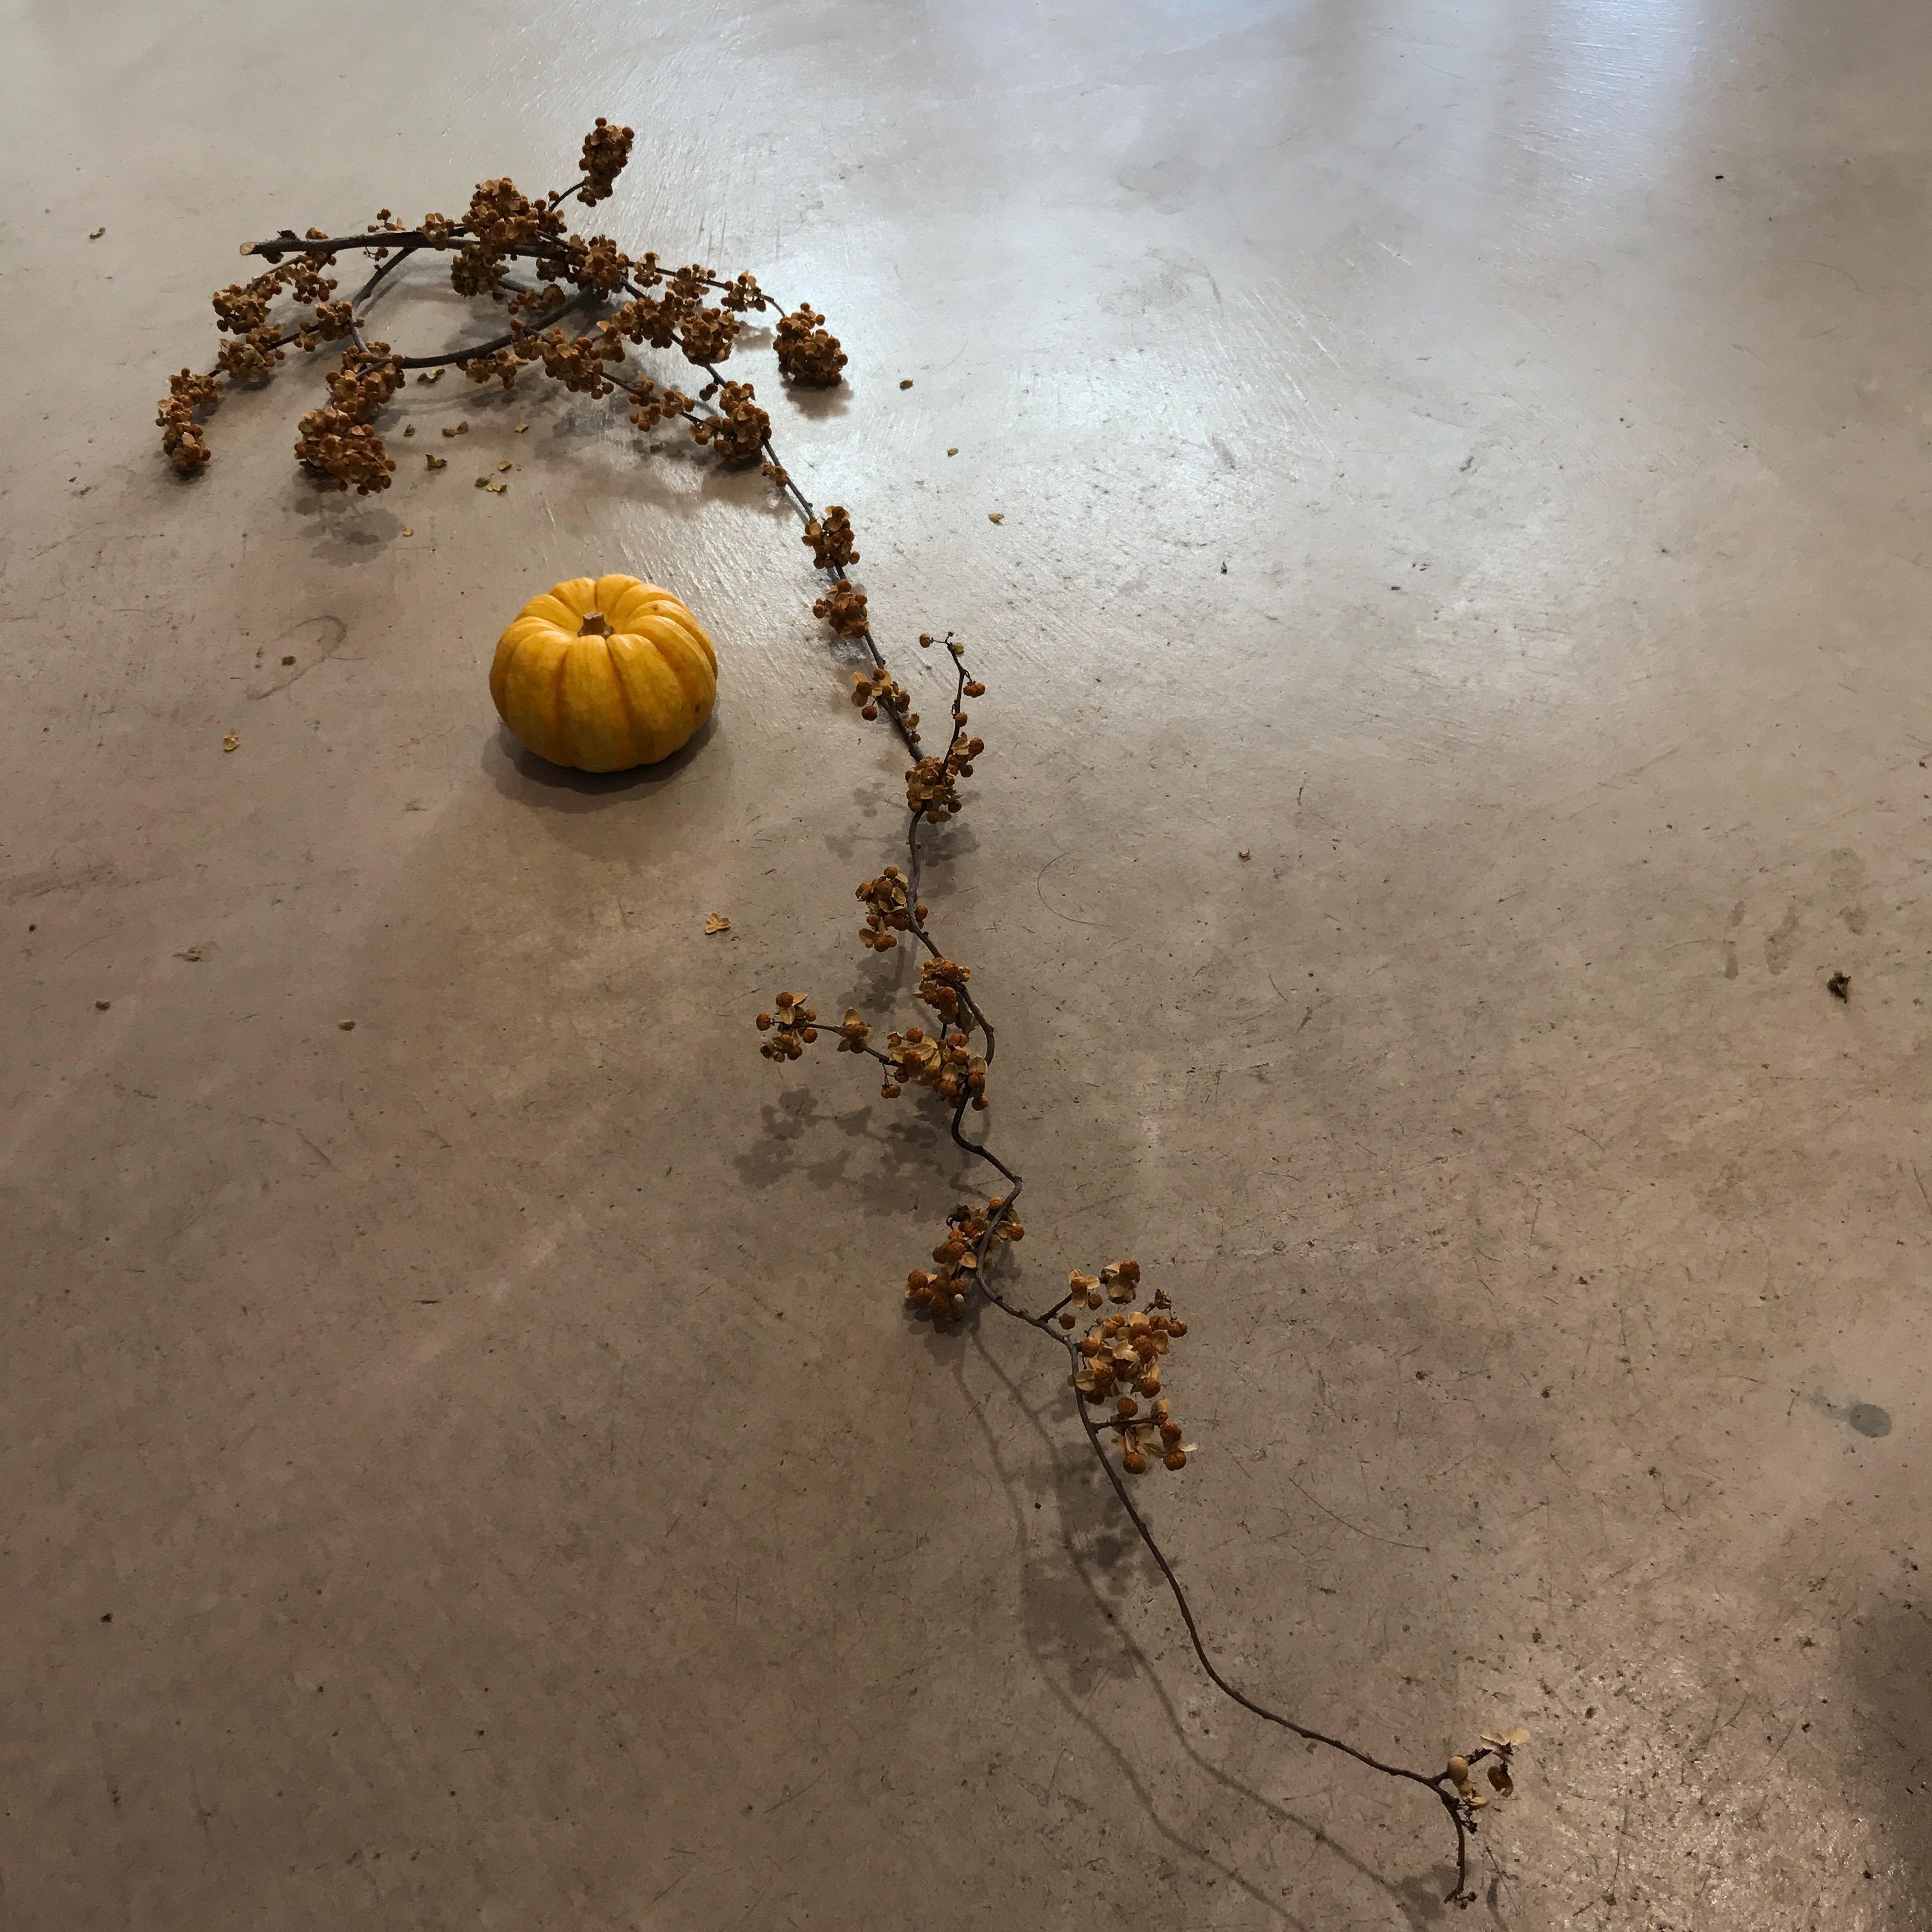 IMG 6633 - Halloween